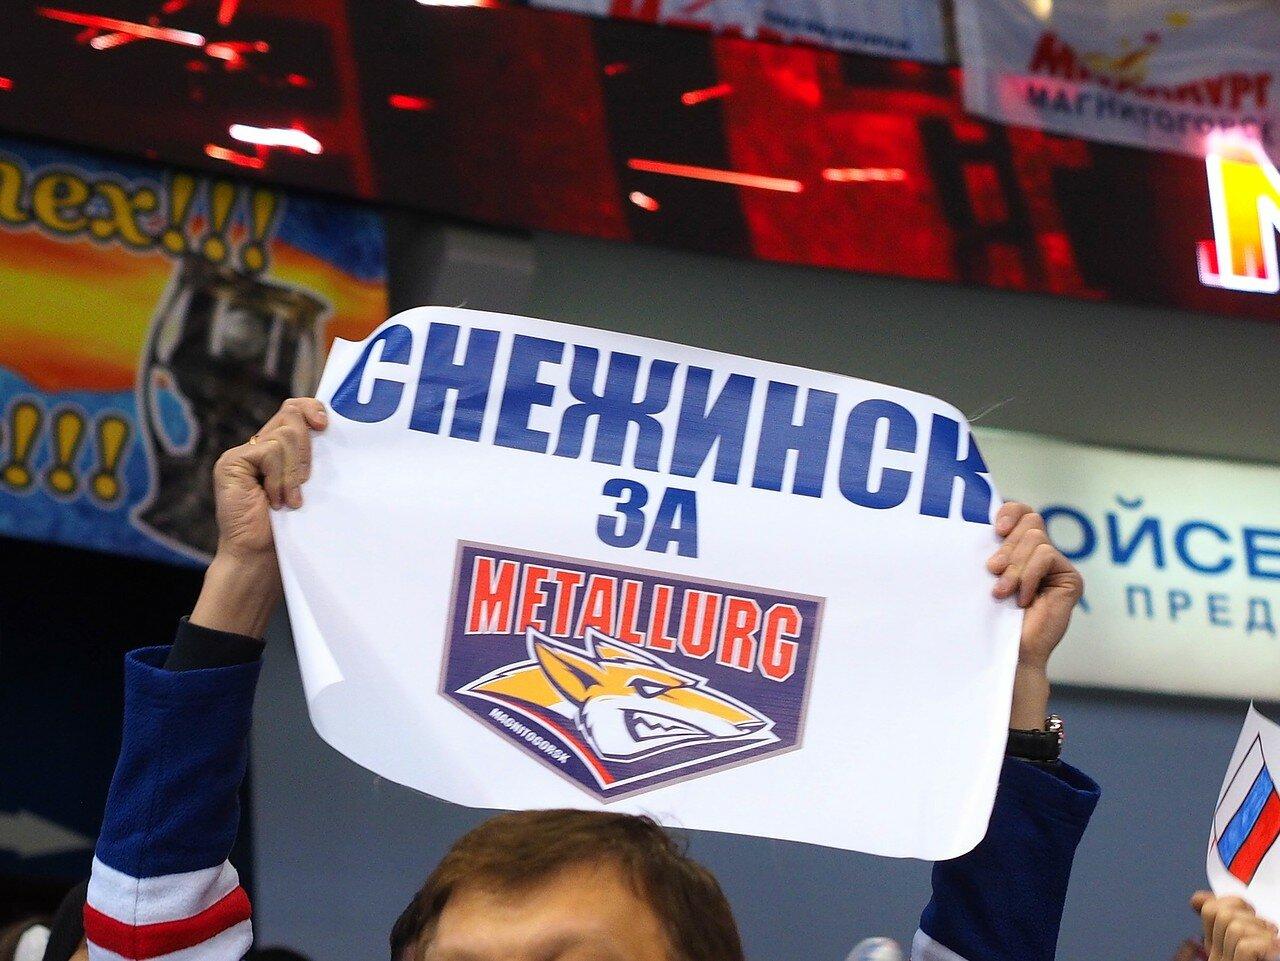 53 Первая игра финала плей-офф восточной конференции 2017 Металлург - АкБарс 24.03.2017